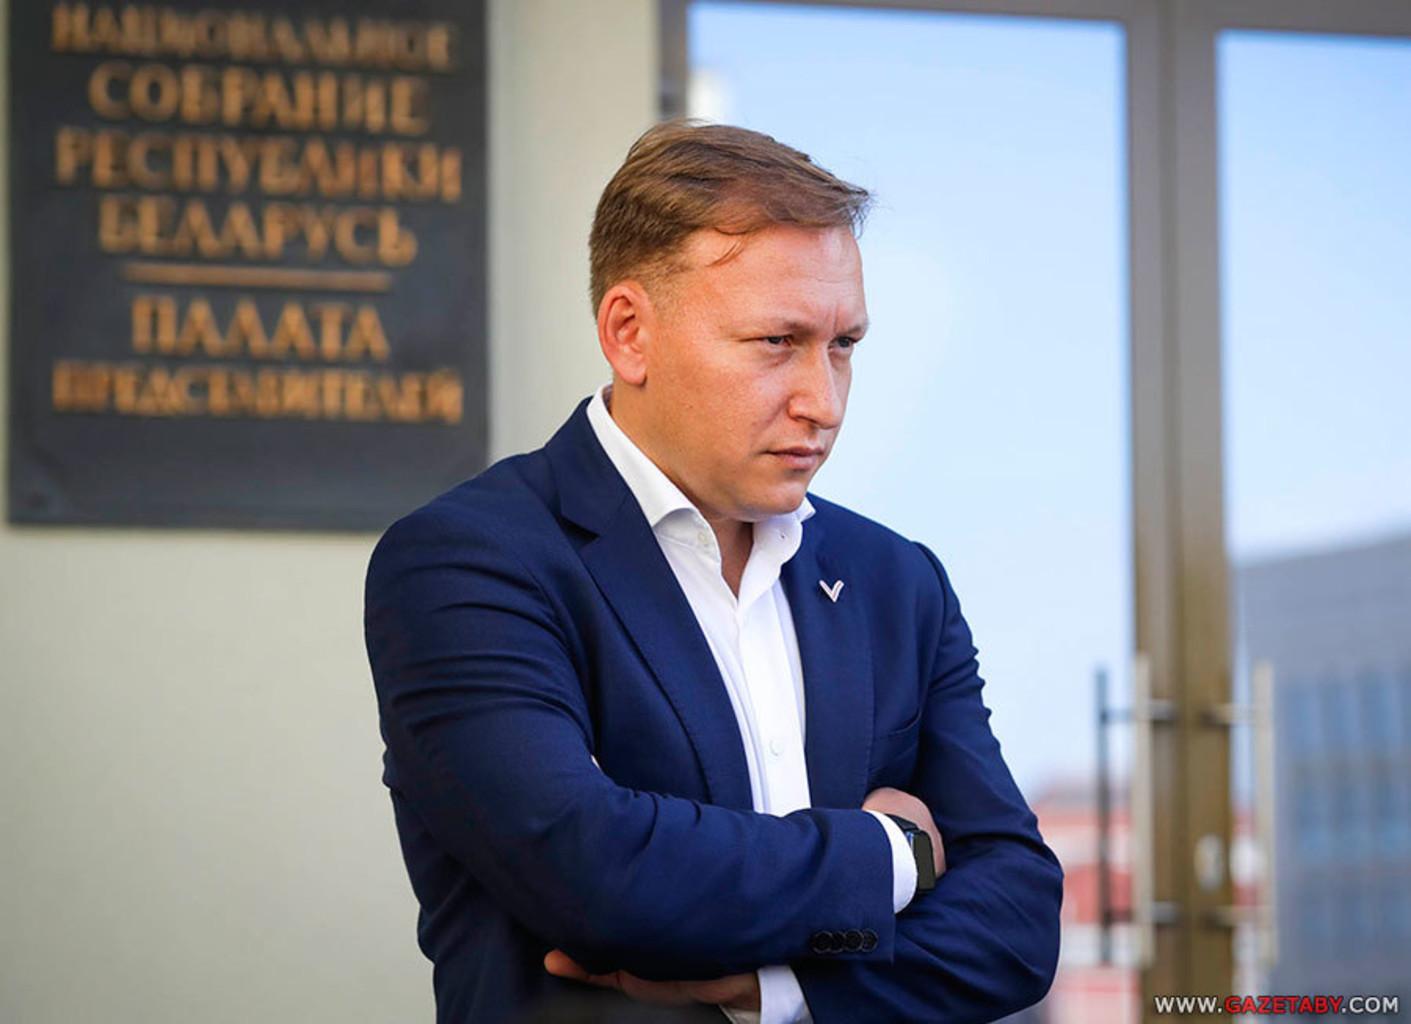 Дмитриев: «Итогом могут стать события, от которых пострадают все, вне зависимости от флага на балконе»